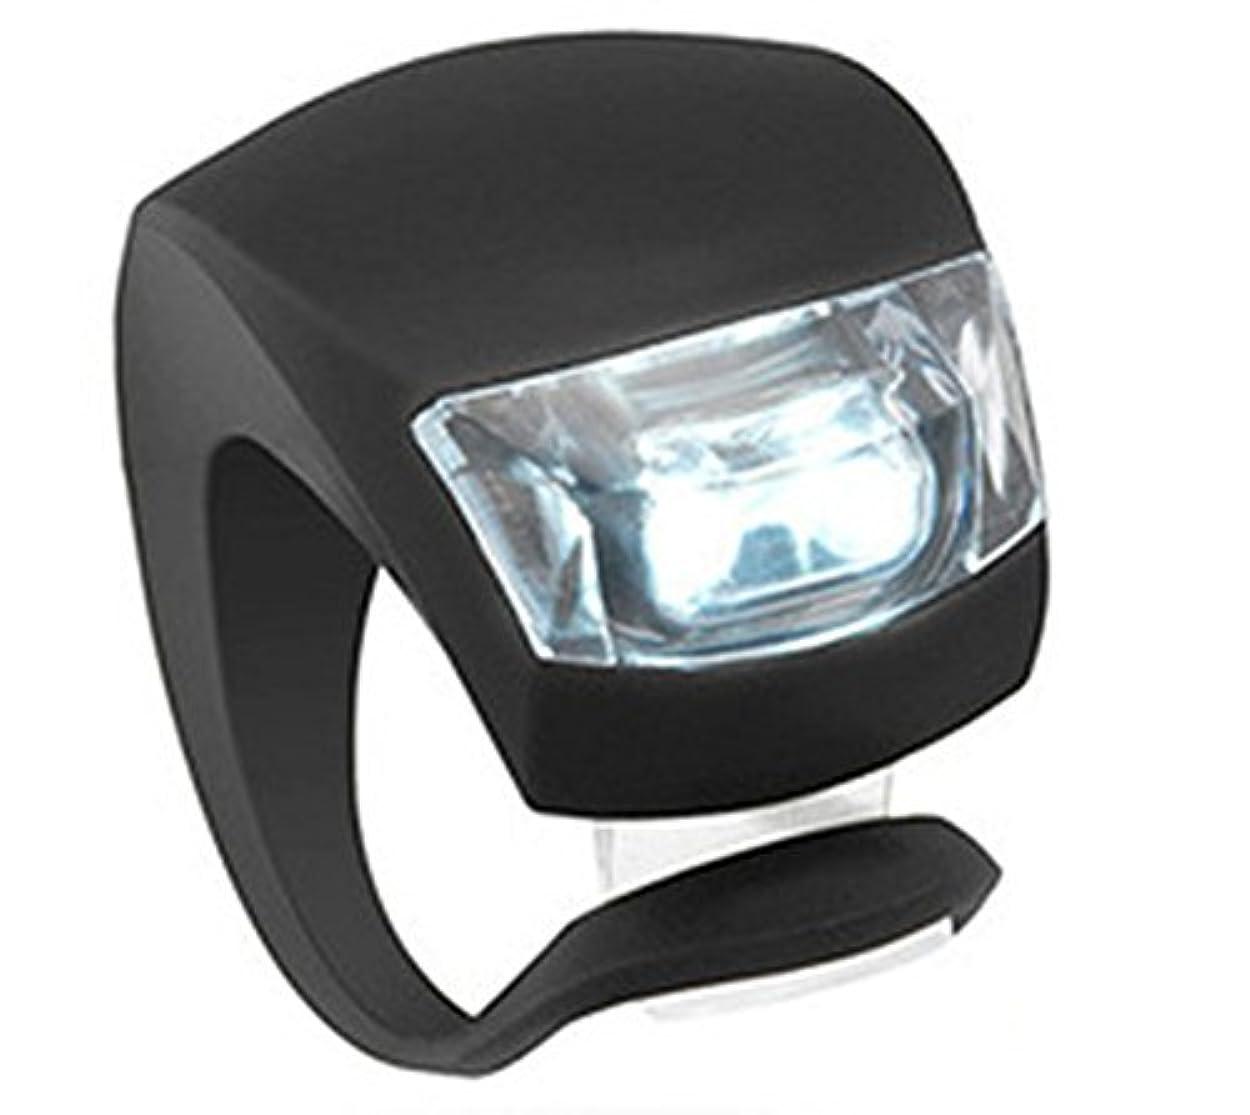 忠実な予防接種あいまい装着簡易 高輝度LED2灯 シリコン 自転車 フロントライト